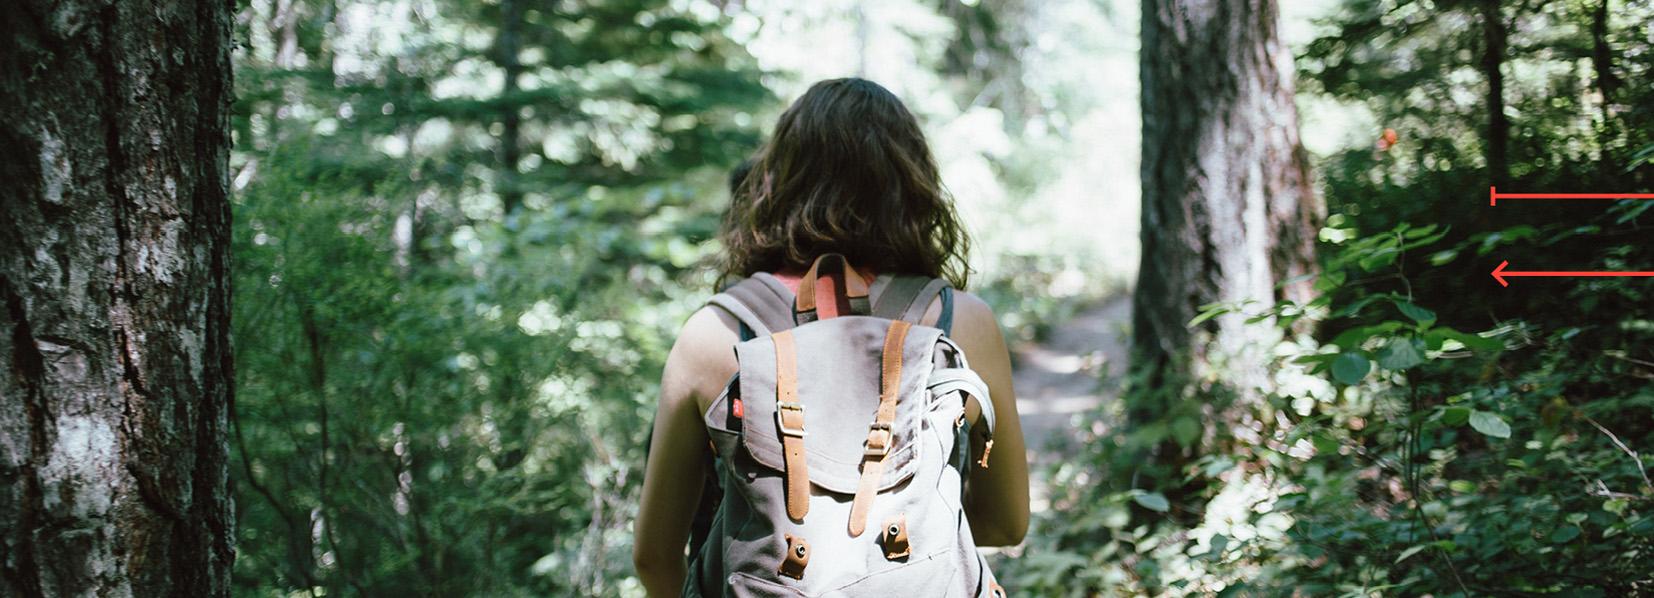 Berufsorientierung Daniela Römer Sei Startklar Backpack